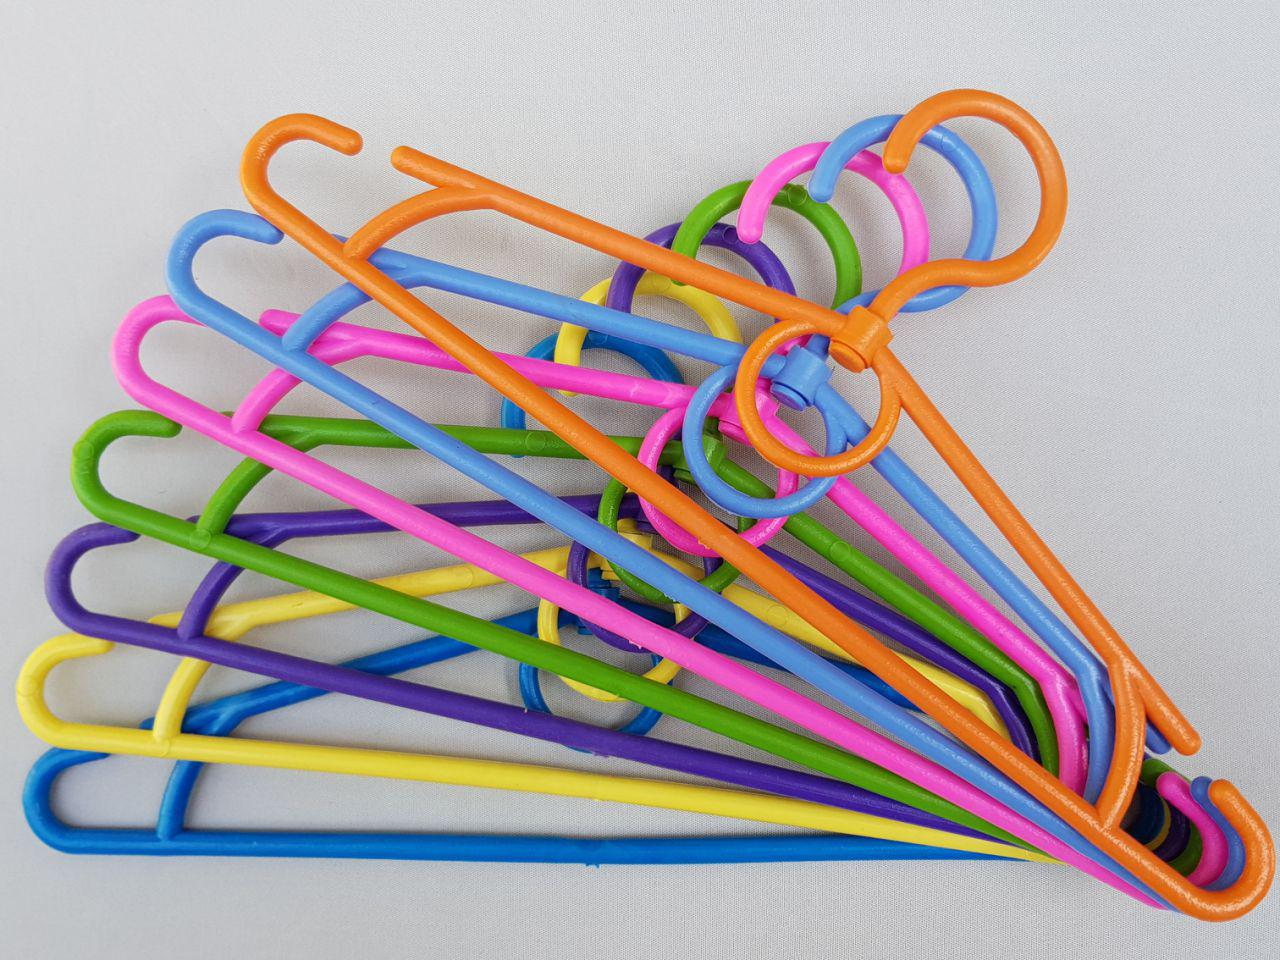 Длина 32 см. Плечики детские пластмассовые  разные цвета, 10 штук в упаковке одного цвета